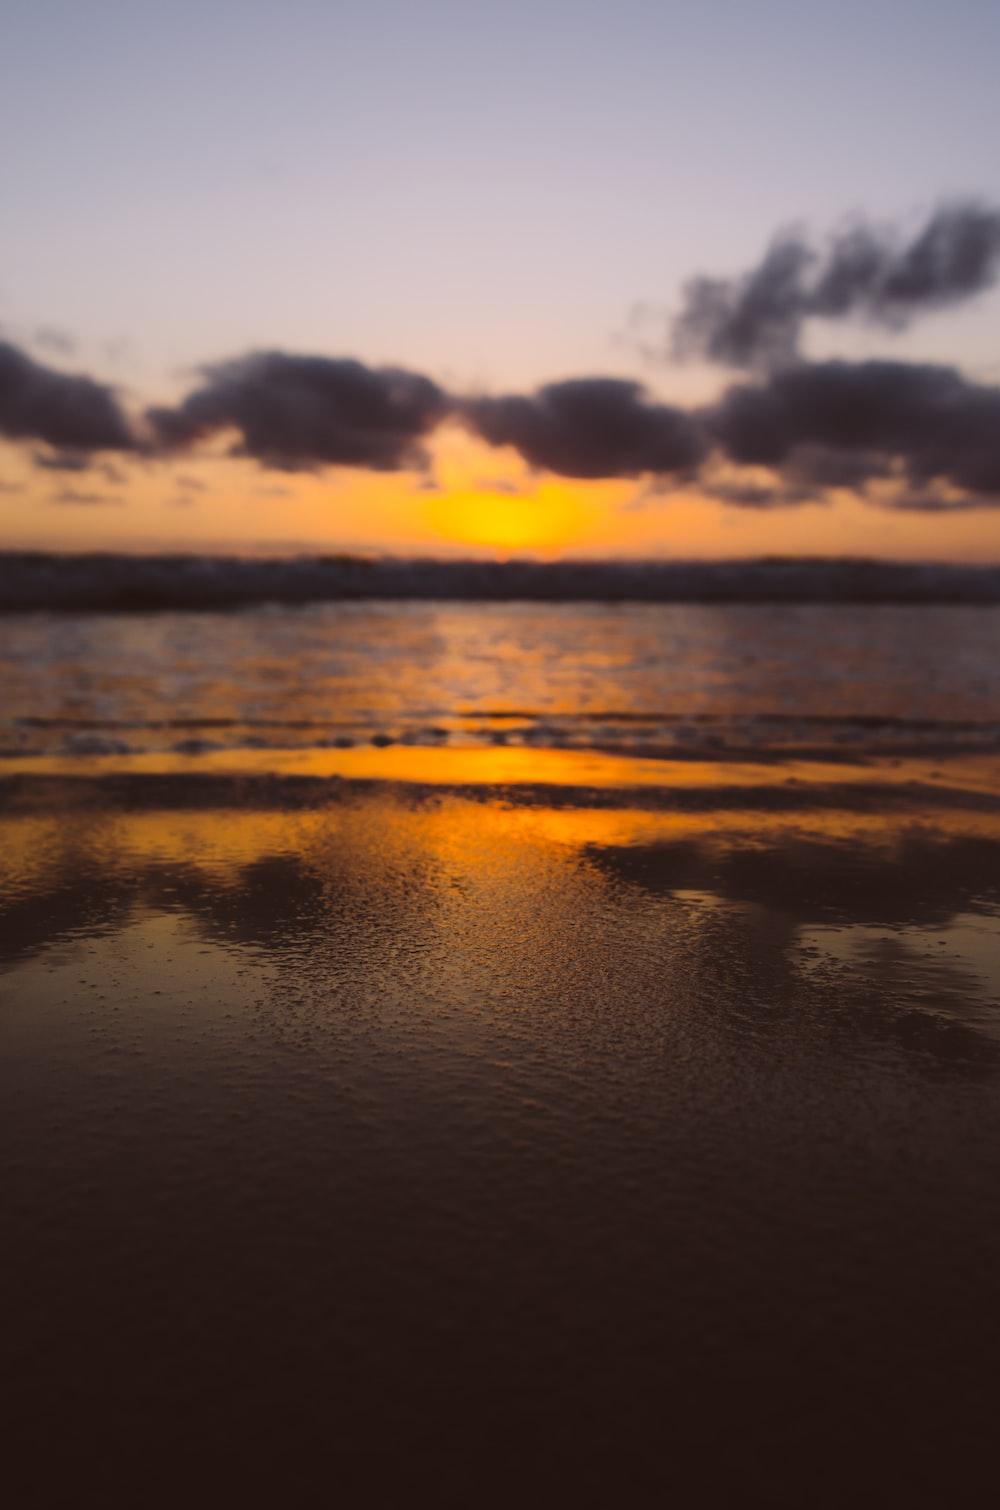 brown seashore during sunset